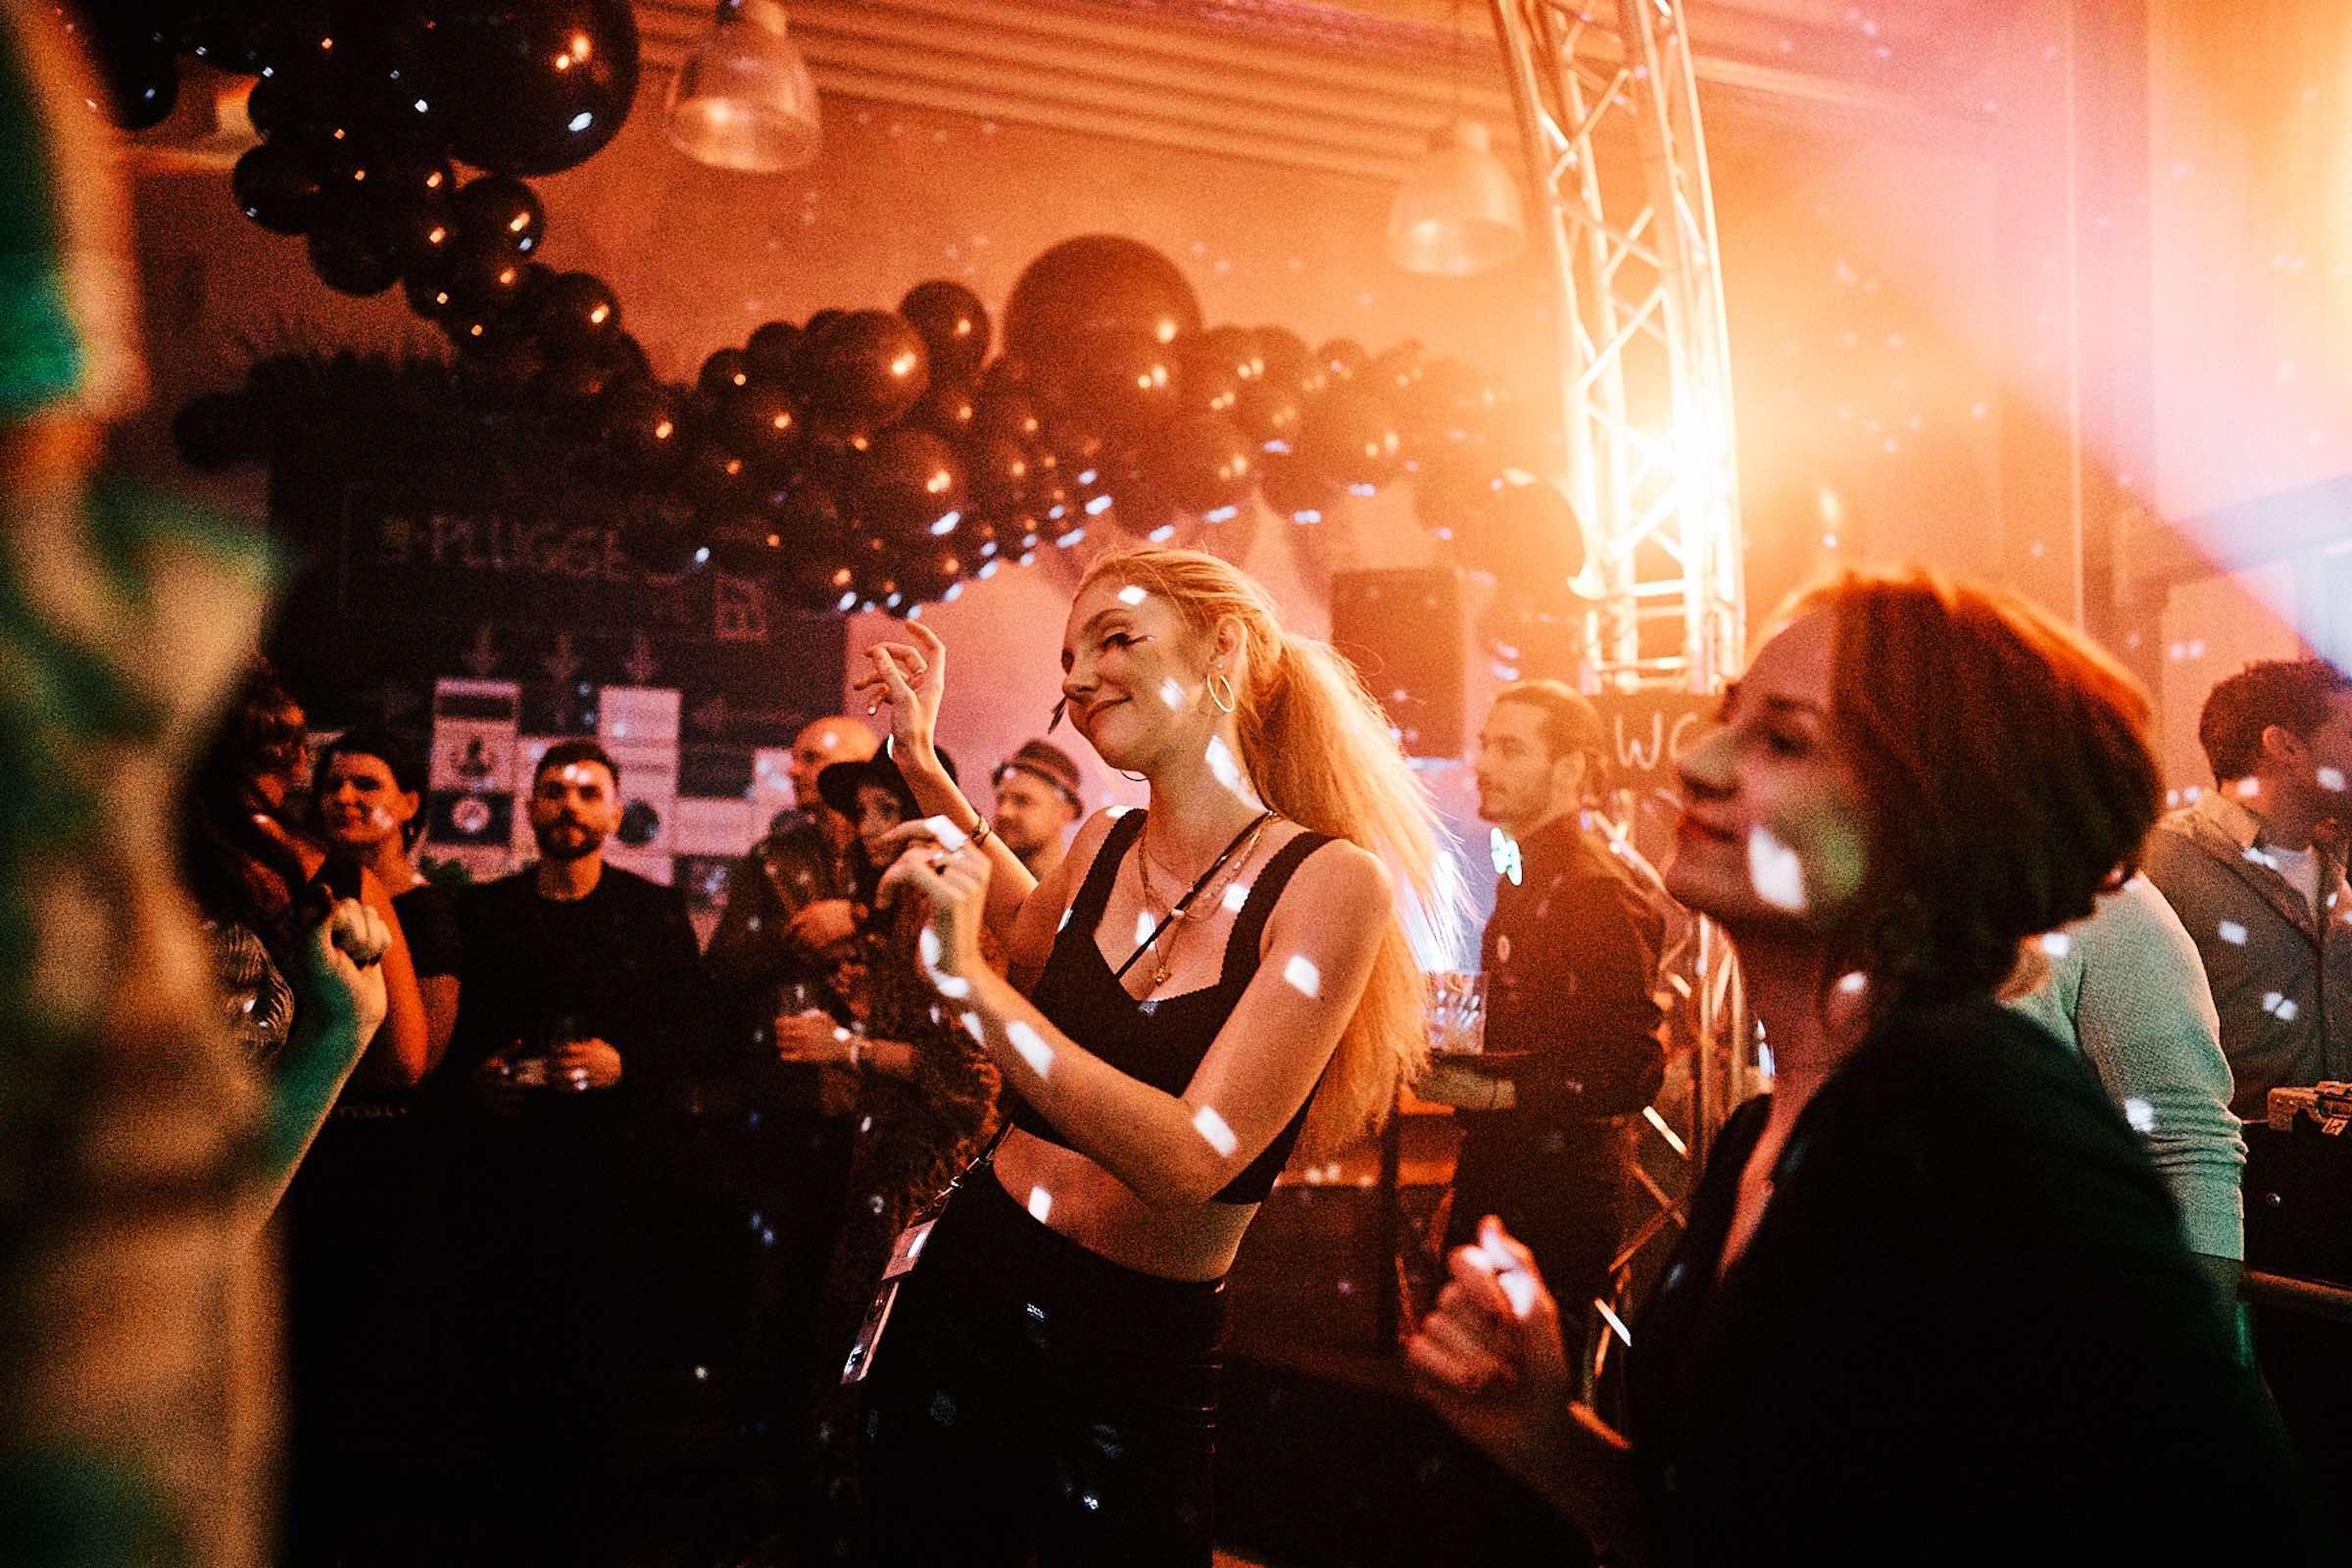 DJ | Hannover | Peine | Braunschweig | DJ | Agentur | DJ | Messe | Hochzeits | DJ | Hannover | DJ | Firmenevent | Firmenfeier | DJ | Geburtstag | DJ | Weihnachtsfeier | DJ | Sommerfest | Buchen | Anfragen | Lehmann | Eventservice